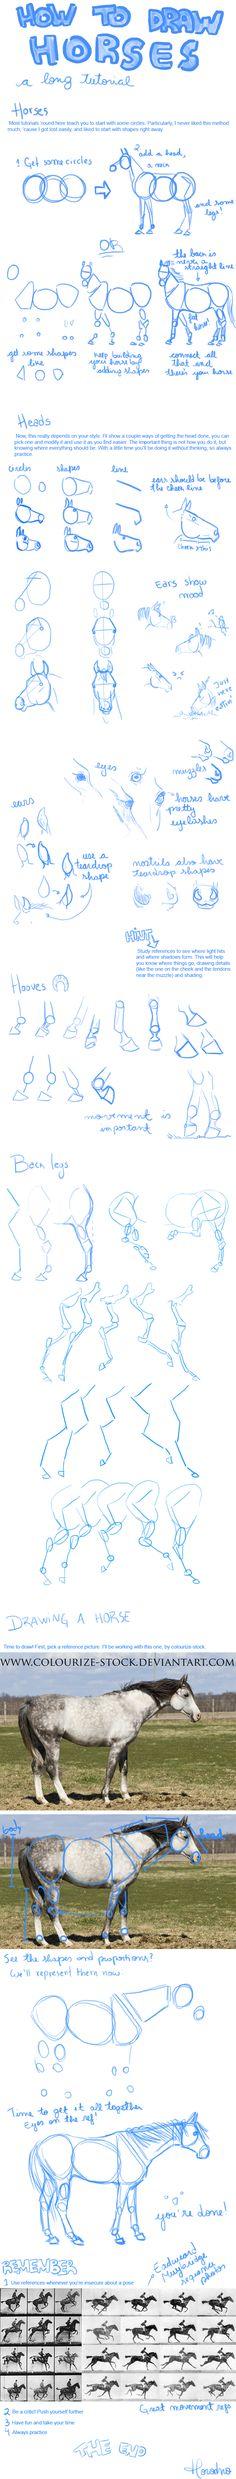 Drawing Horses by Horodno.deviantart.com on @deviantART